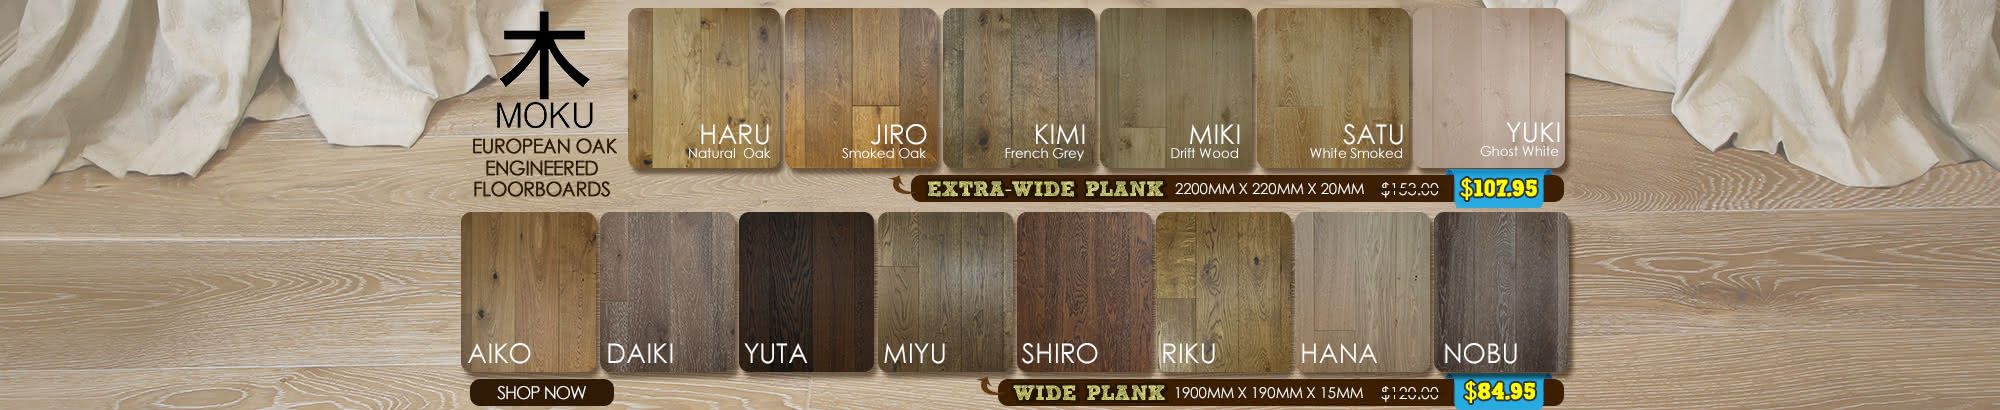 Moku Oak Floorboards